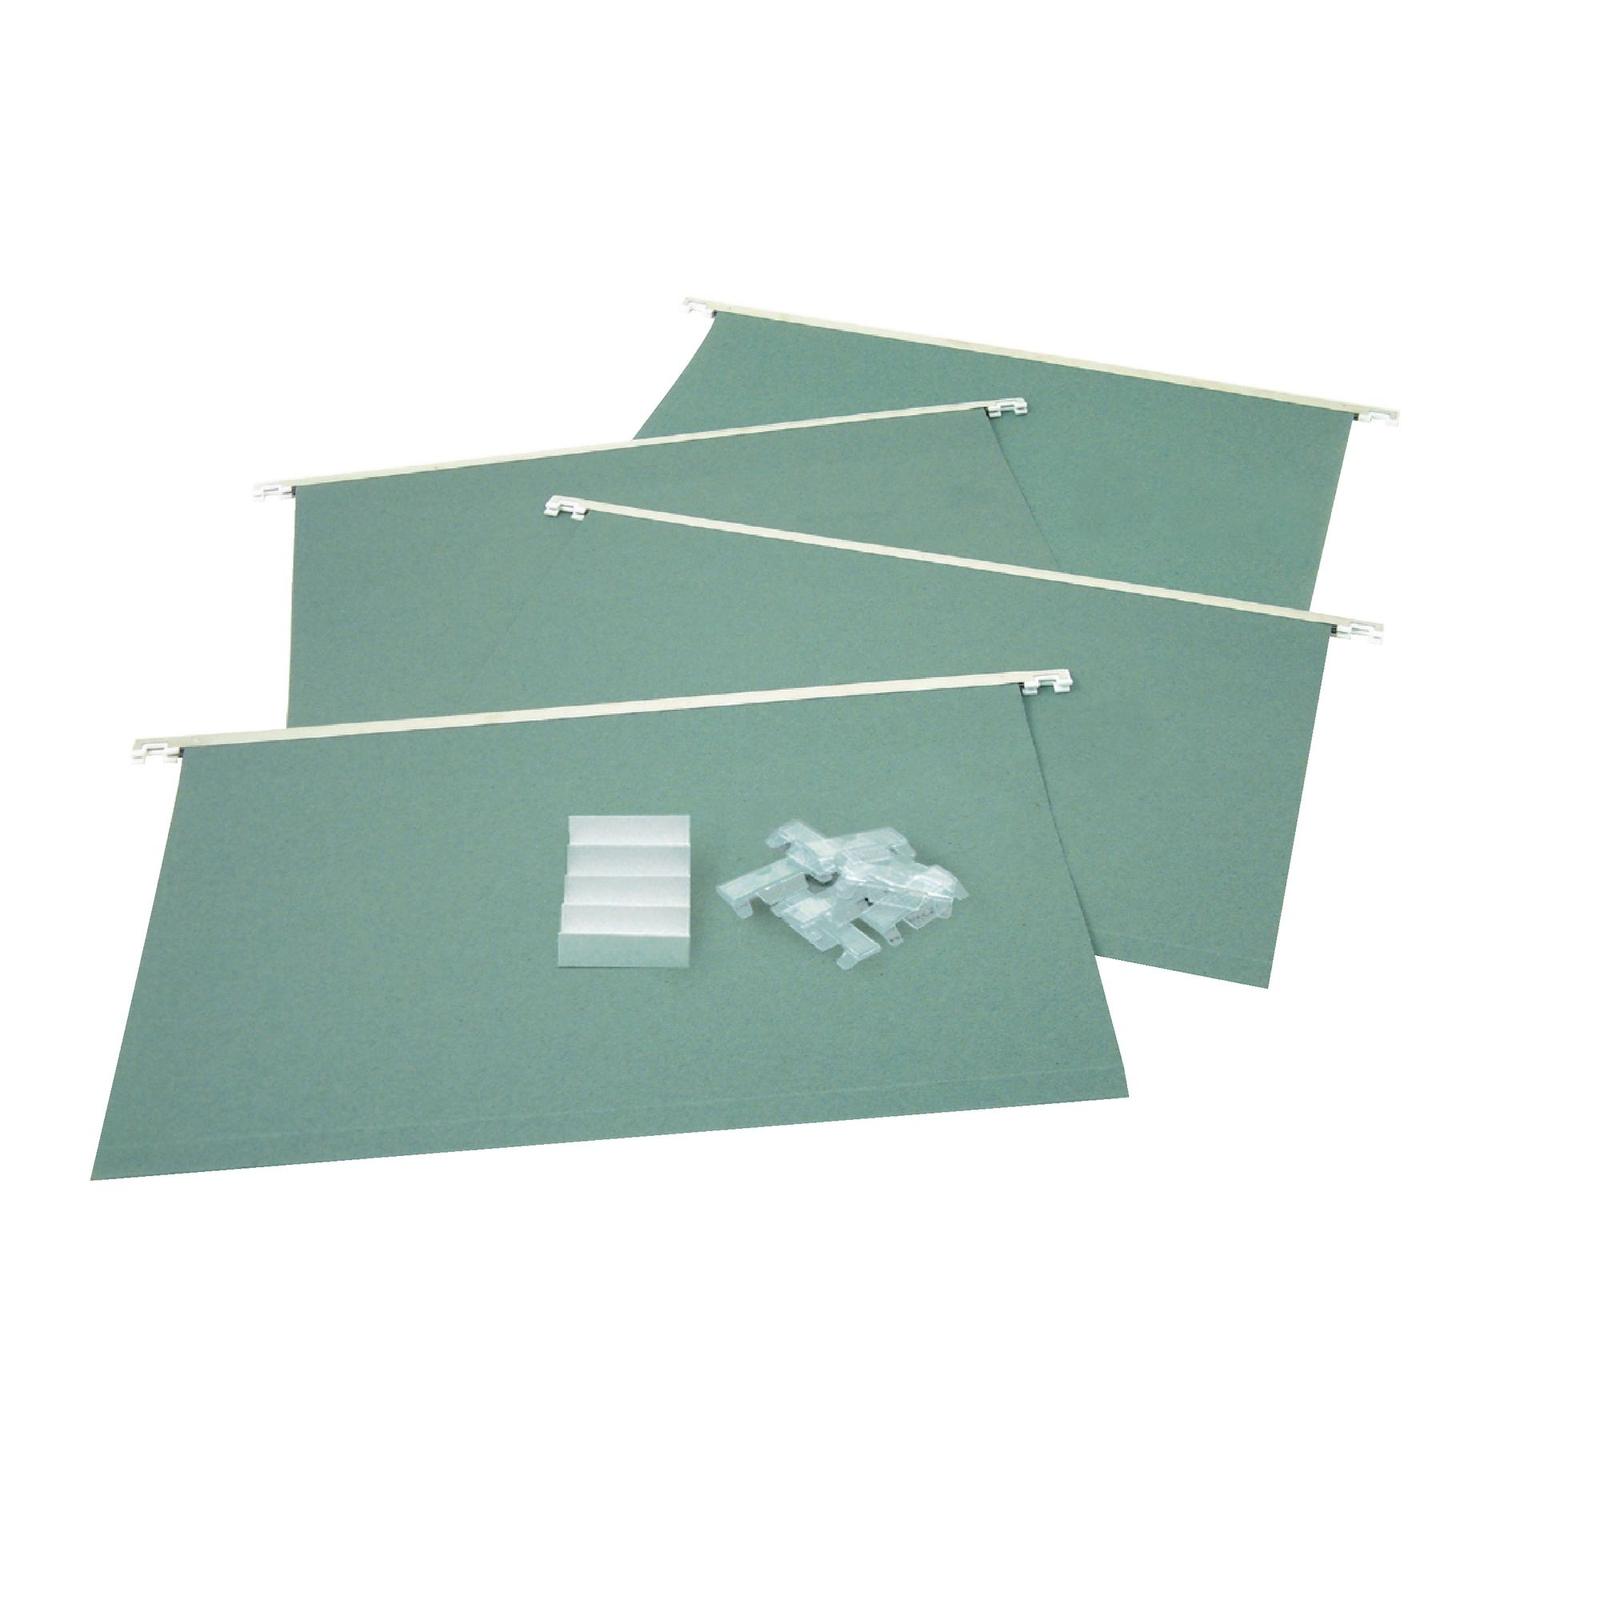 Classmates Suspension Files - Paper Inserts